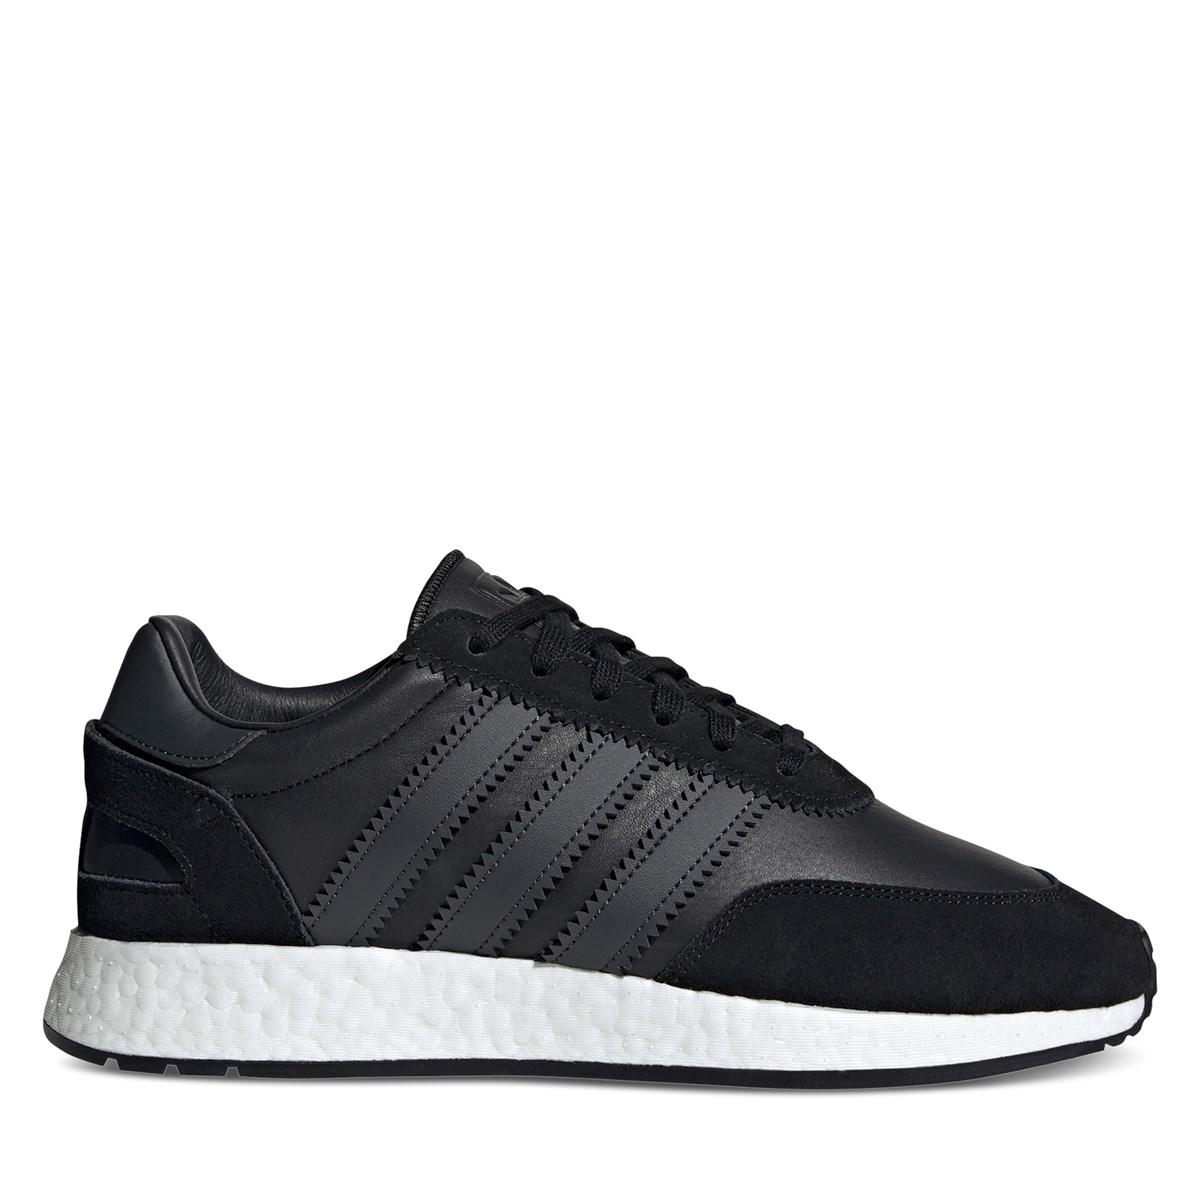 Men's I-5923 Sneaker in Black